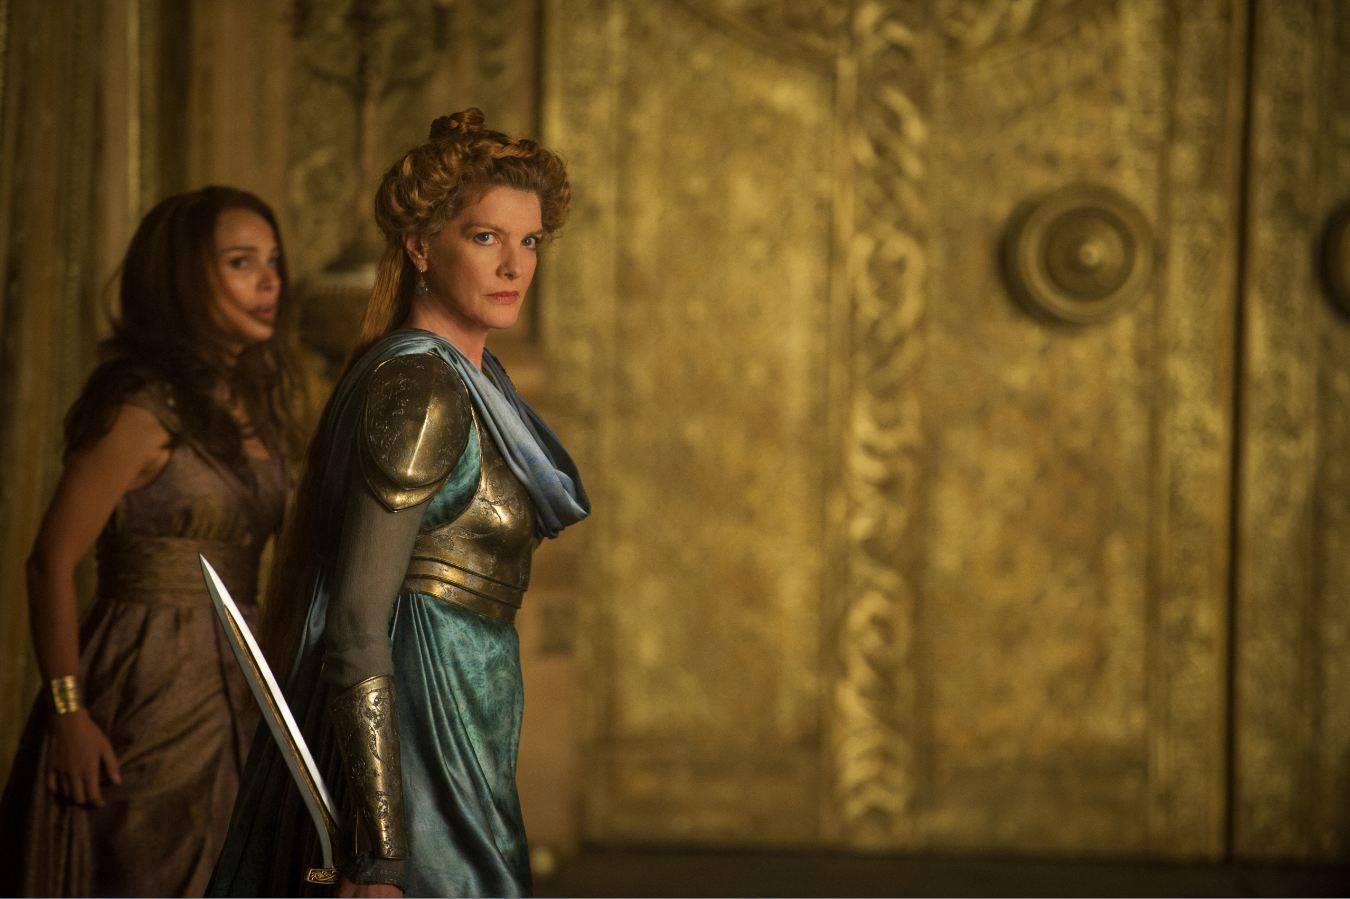 Thor 2 The Dark World Stills - Natalie Portman Photo ... |Natalie Portman Thor The Dark World